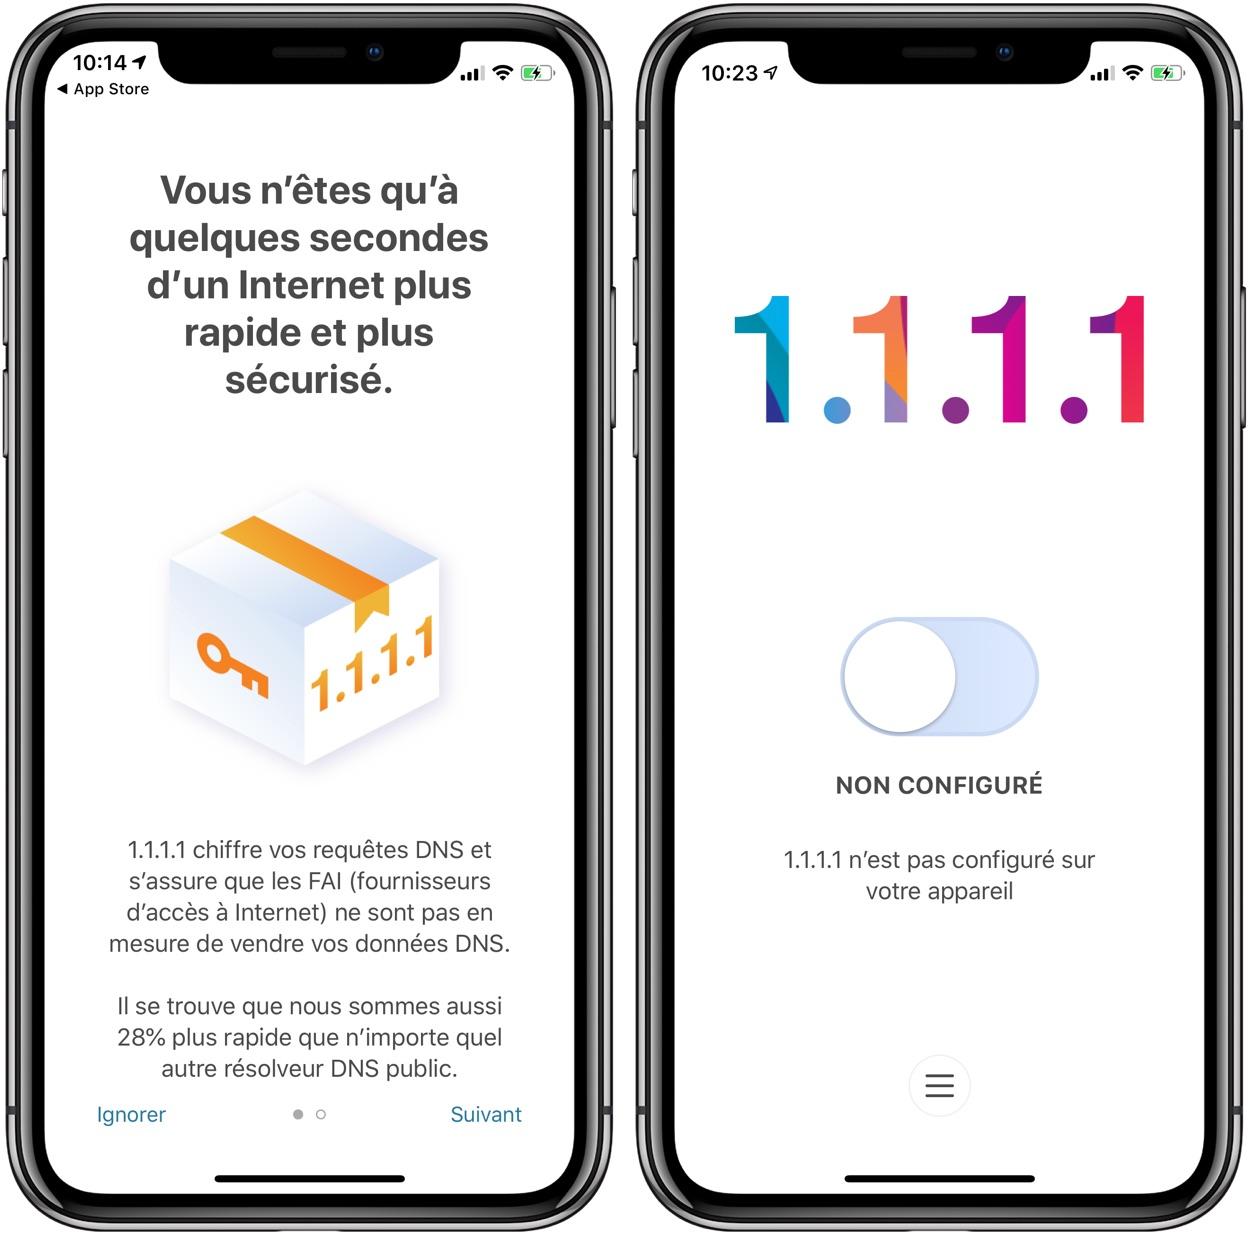 Nouveau : l'app Cloudflare mobile passe les restrictions géographiques et permet de surfer plus vite 1